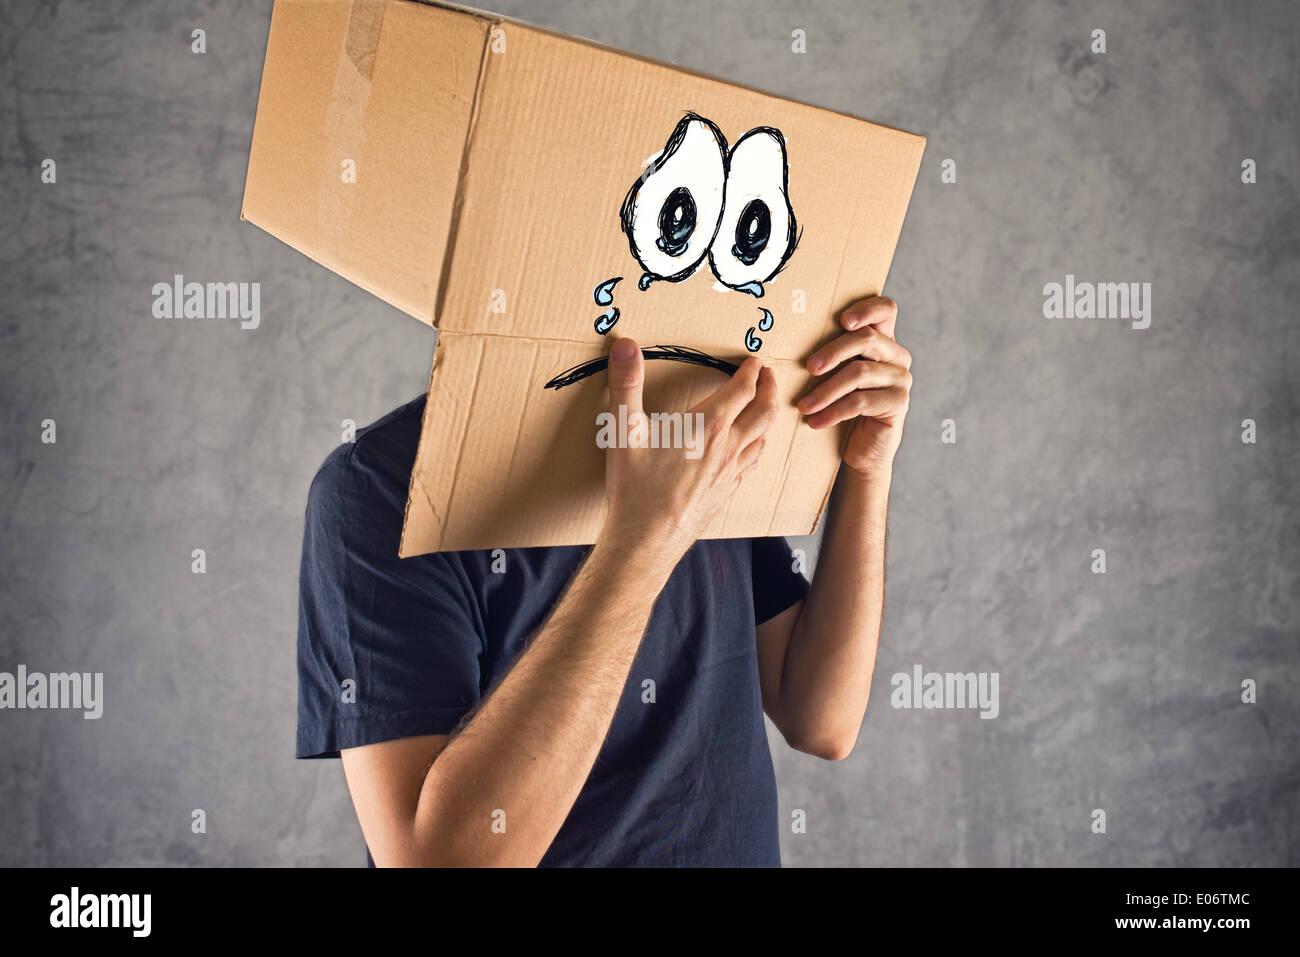 Mann mit Karton auf den Kopf und traurig weinende Gesichtsausdruck. Konzept der Traurigkeit und Depression. Stockfoto